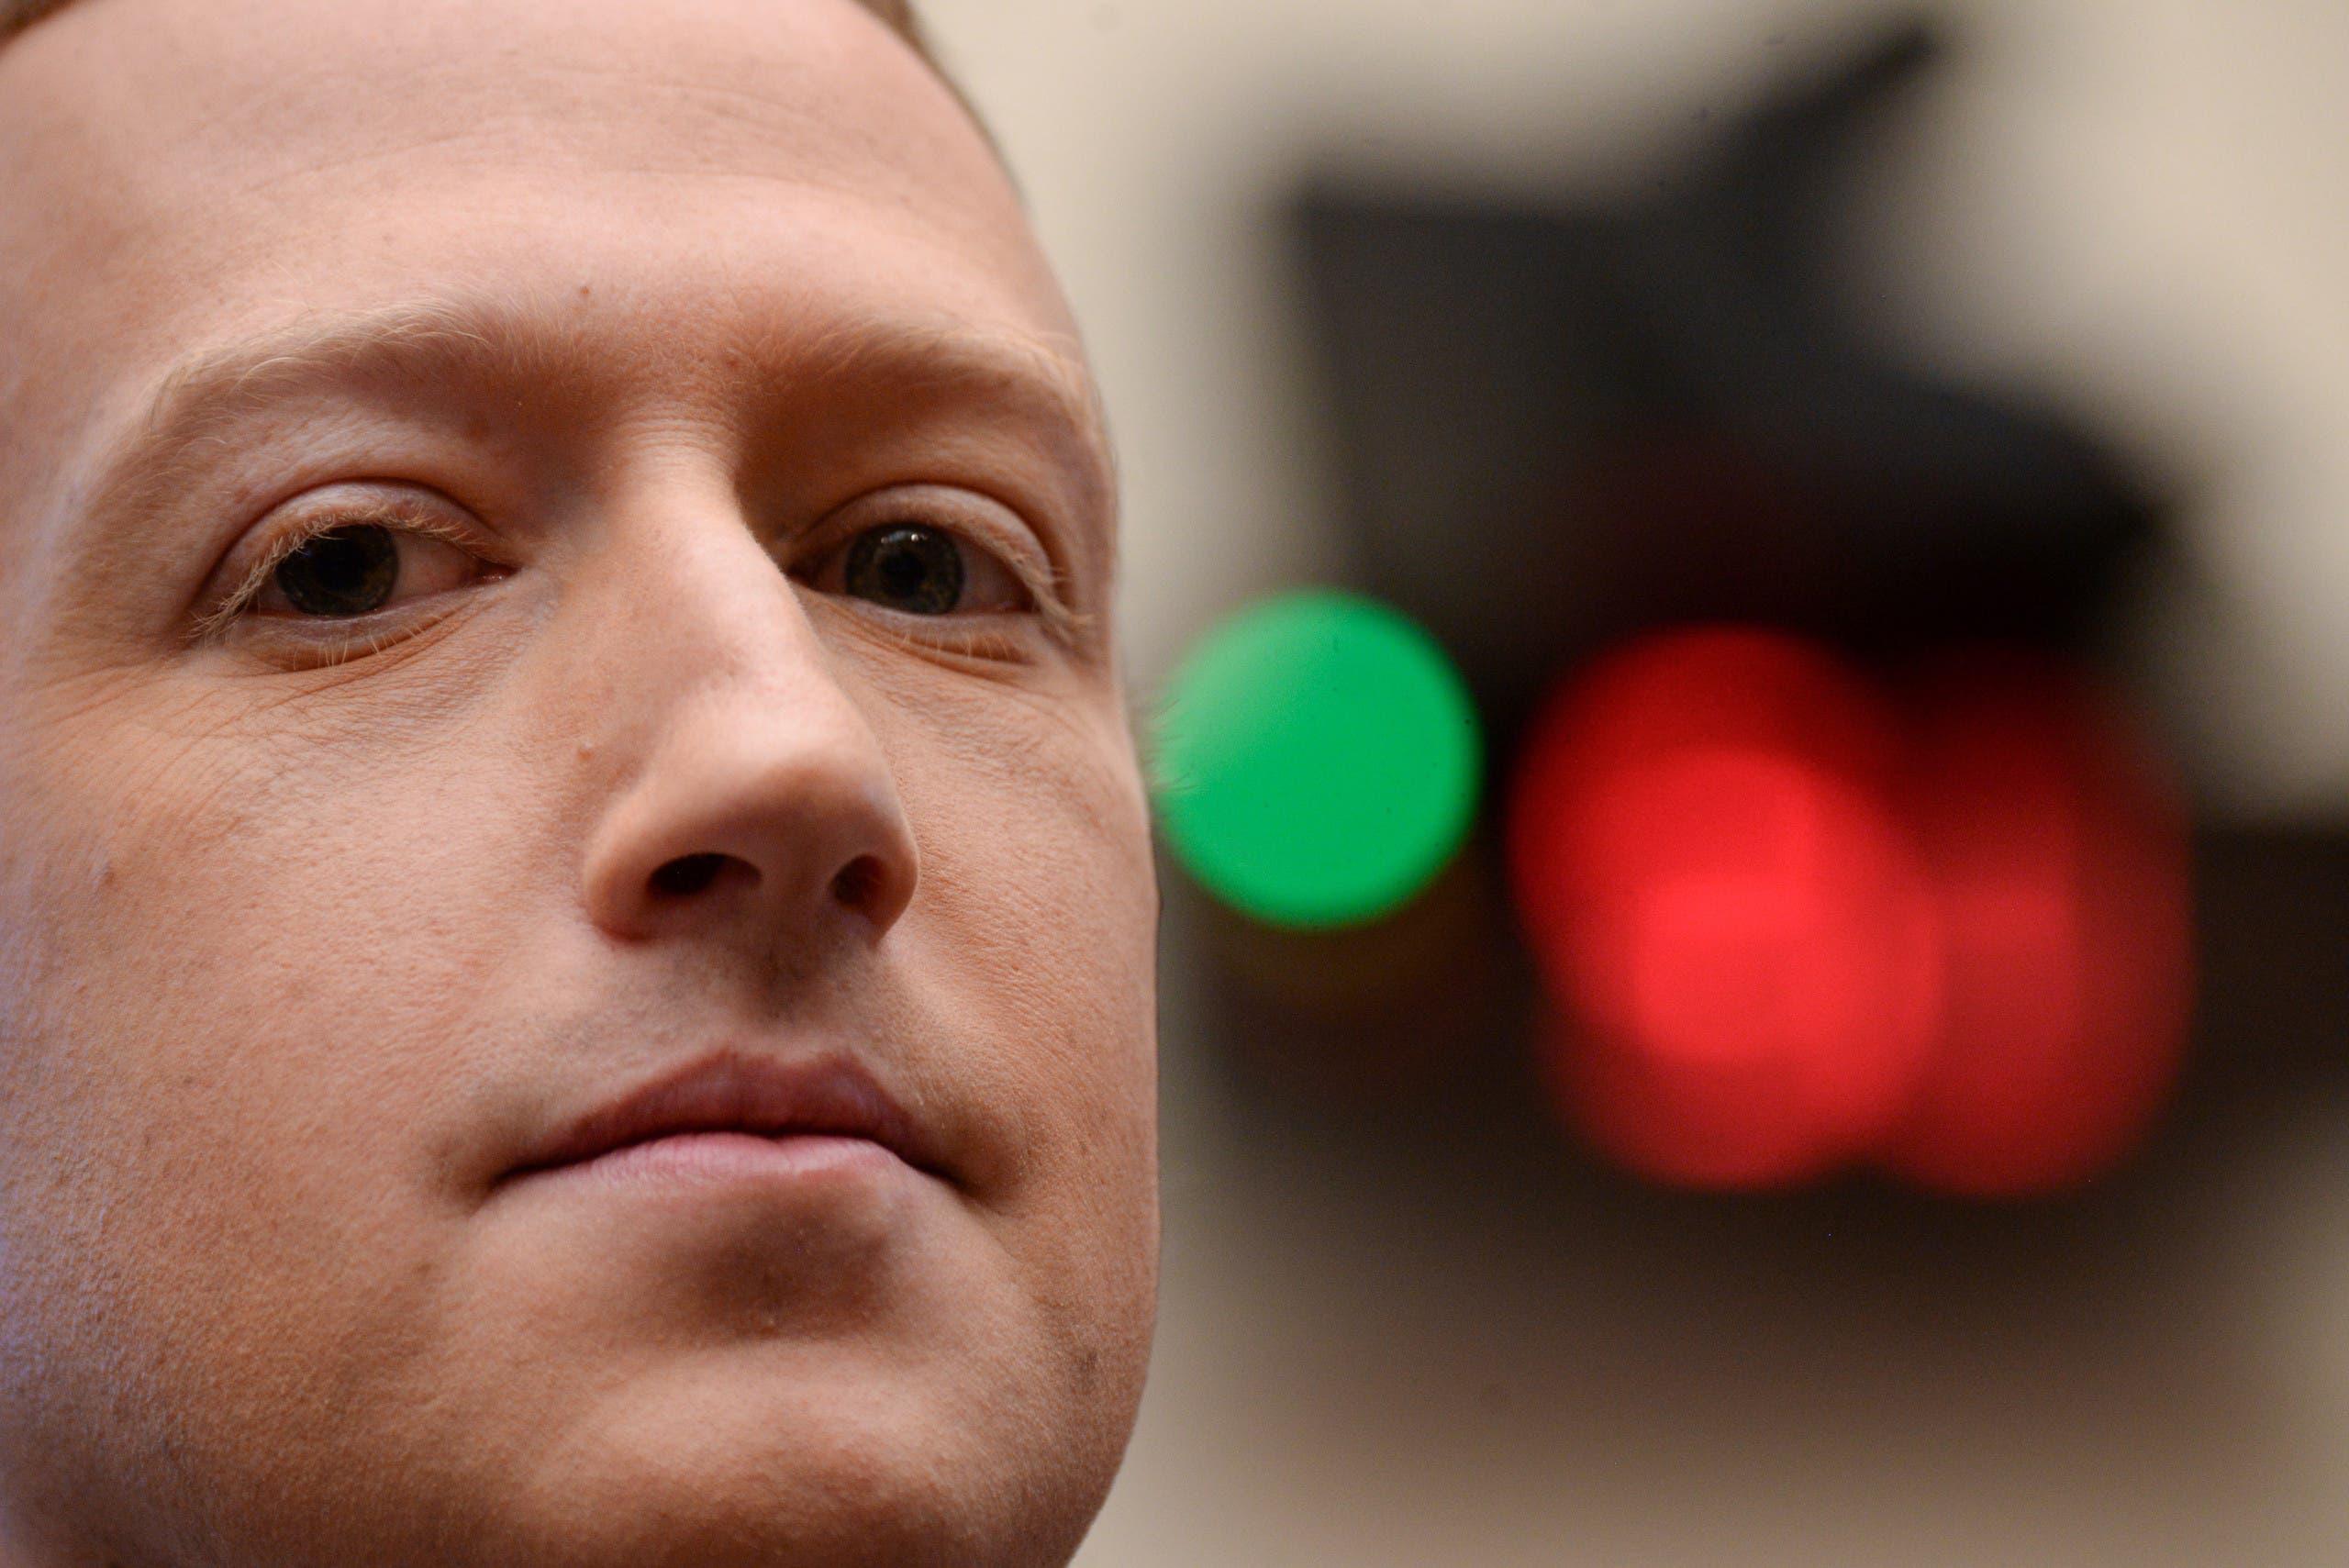 مؤسس موقع فيسبوك، مارك زوكربيرغ (رويترز)